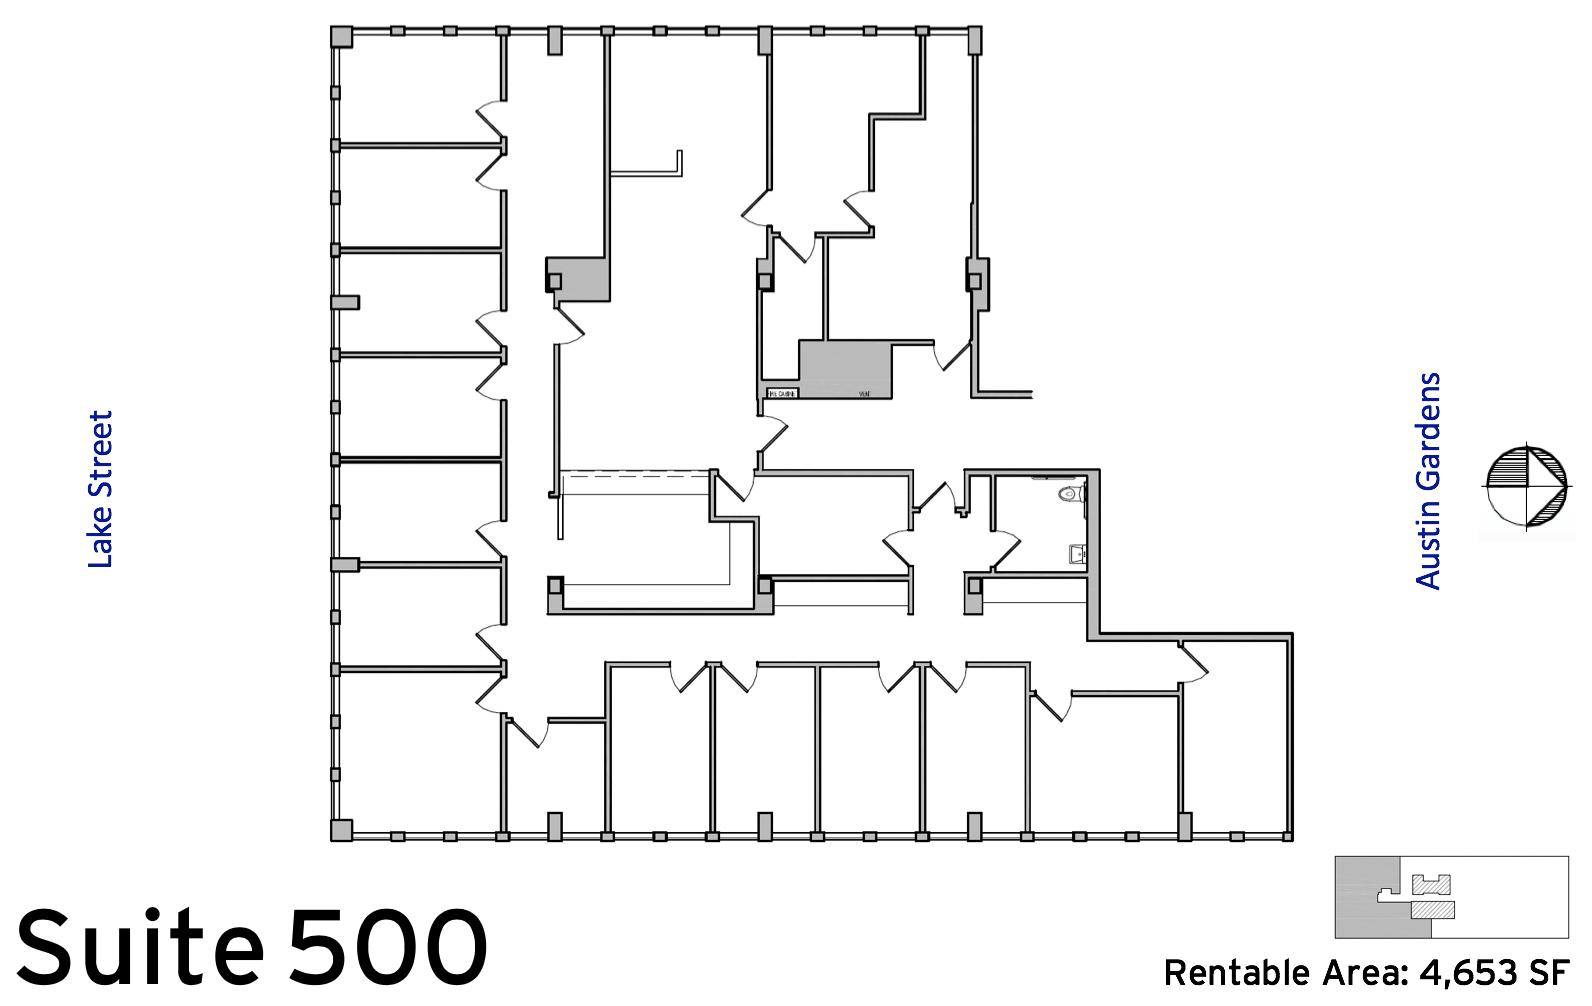 Suite 500 floor plan (4,653 SF) :: Available Oak Park, IL office space rentals: 1010 Lake Street, Oak Park, IL